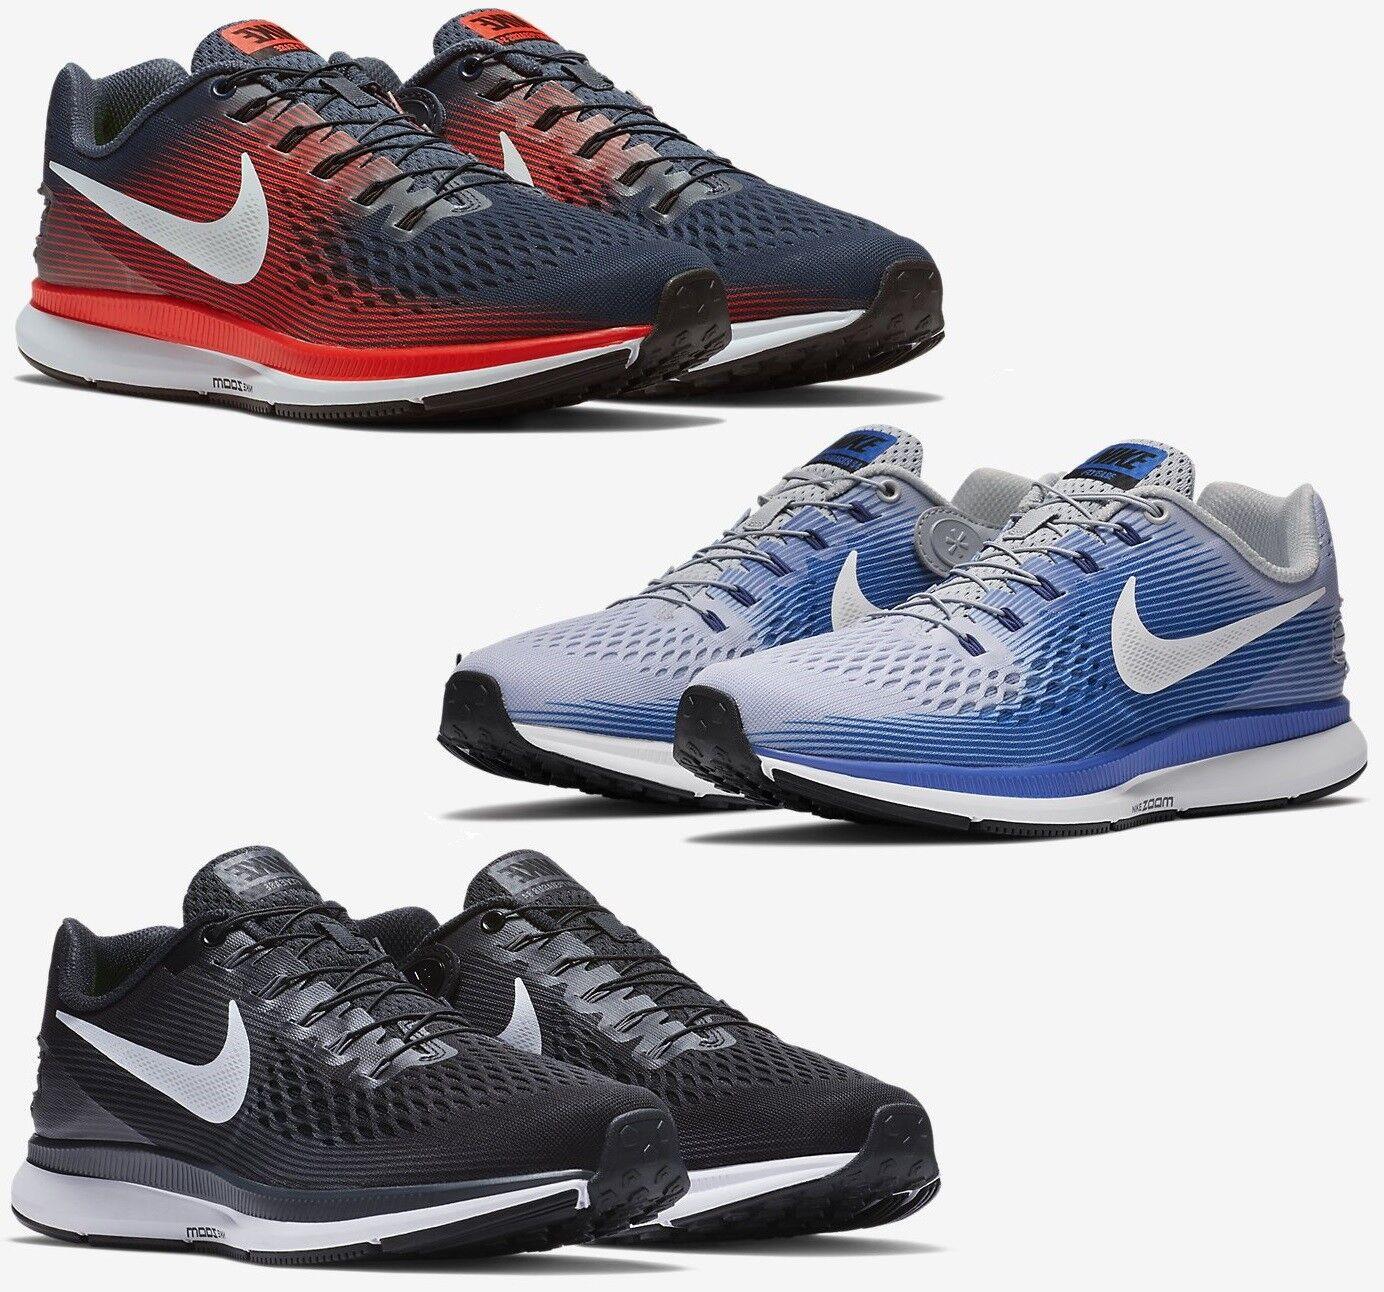 Nike Nike Nike Air Zoom Pegasus 34 flyease sneaker zapatos de estilo de vida de los hombres zapatos casuales normal D amplia 4e salvaje f2adf7